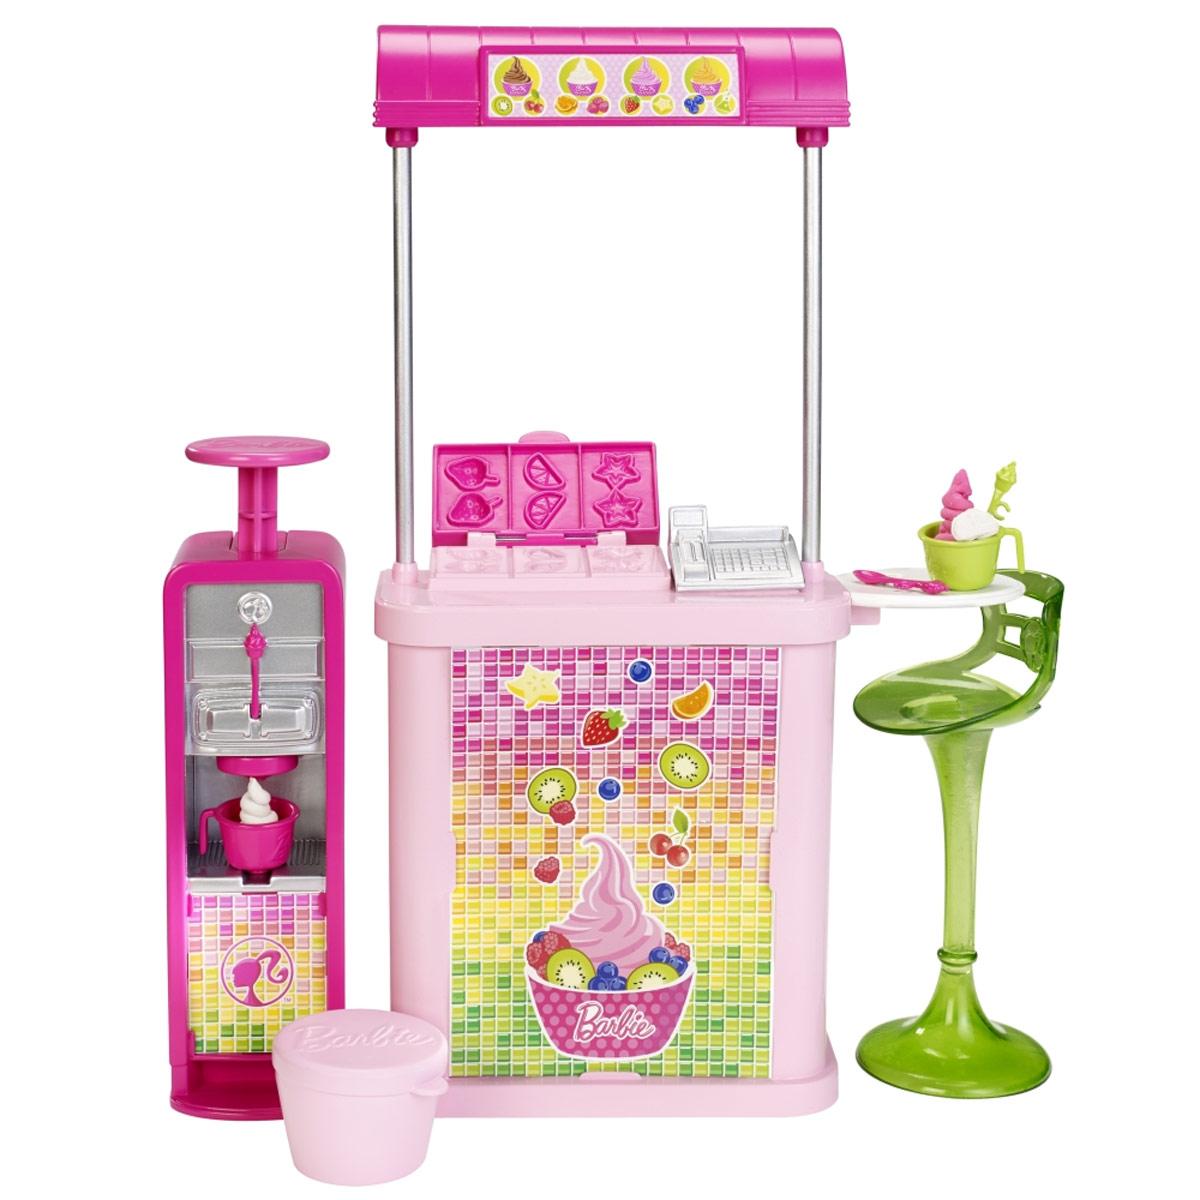 Barbie Мебель для кукол Магазин мороженогоCFB46_CFB49Игровой набор Barbie Магазин мороженого приведет в восторг вашу малышку. Барби вместе с сестрами решили провести незабываемый день вместе. Магазин мороженого выполнен в современном стиле и украшены символами Барби, а внутри обязательно найдутся все необходимые аксессуары для интересной и творческой игры. В магазине можно приготовить мороженое из специальной смеси для игры (представлена в двух цветах). Куклы в комплект не входят.